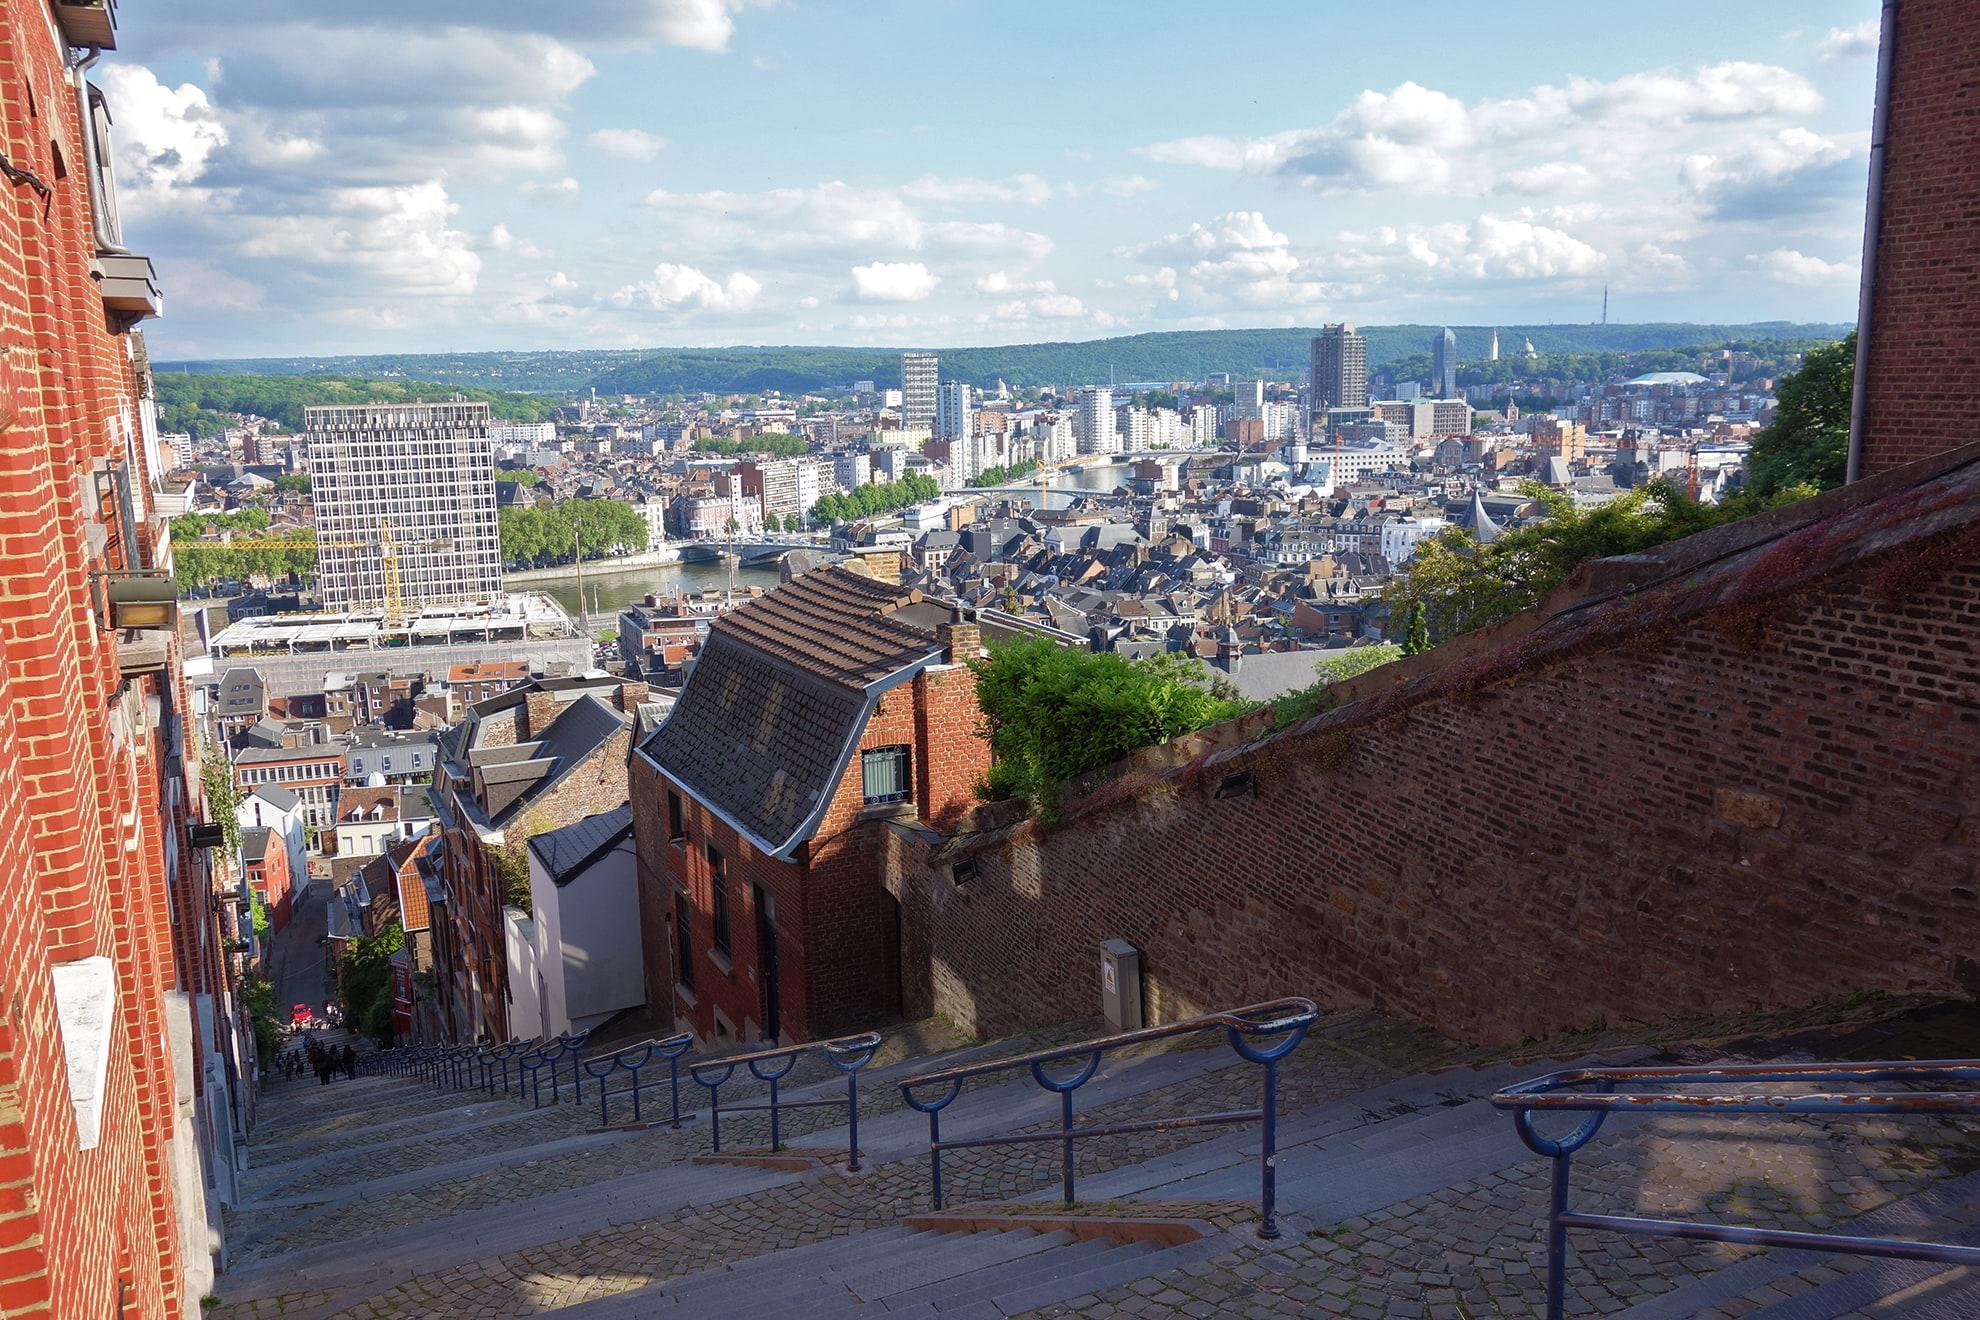 Escaliers de Bueren